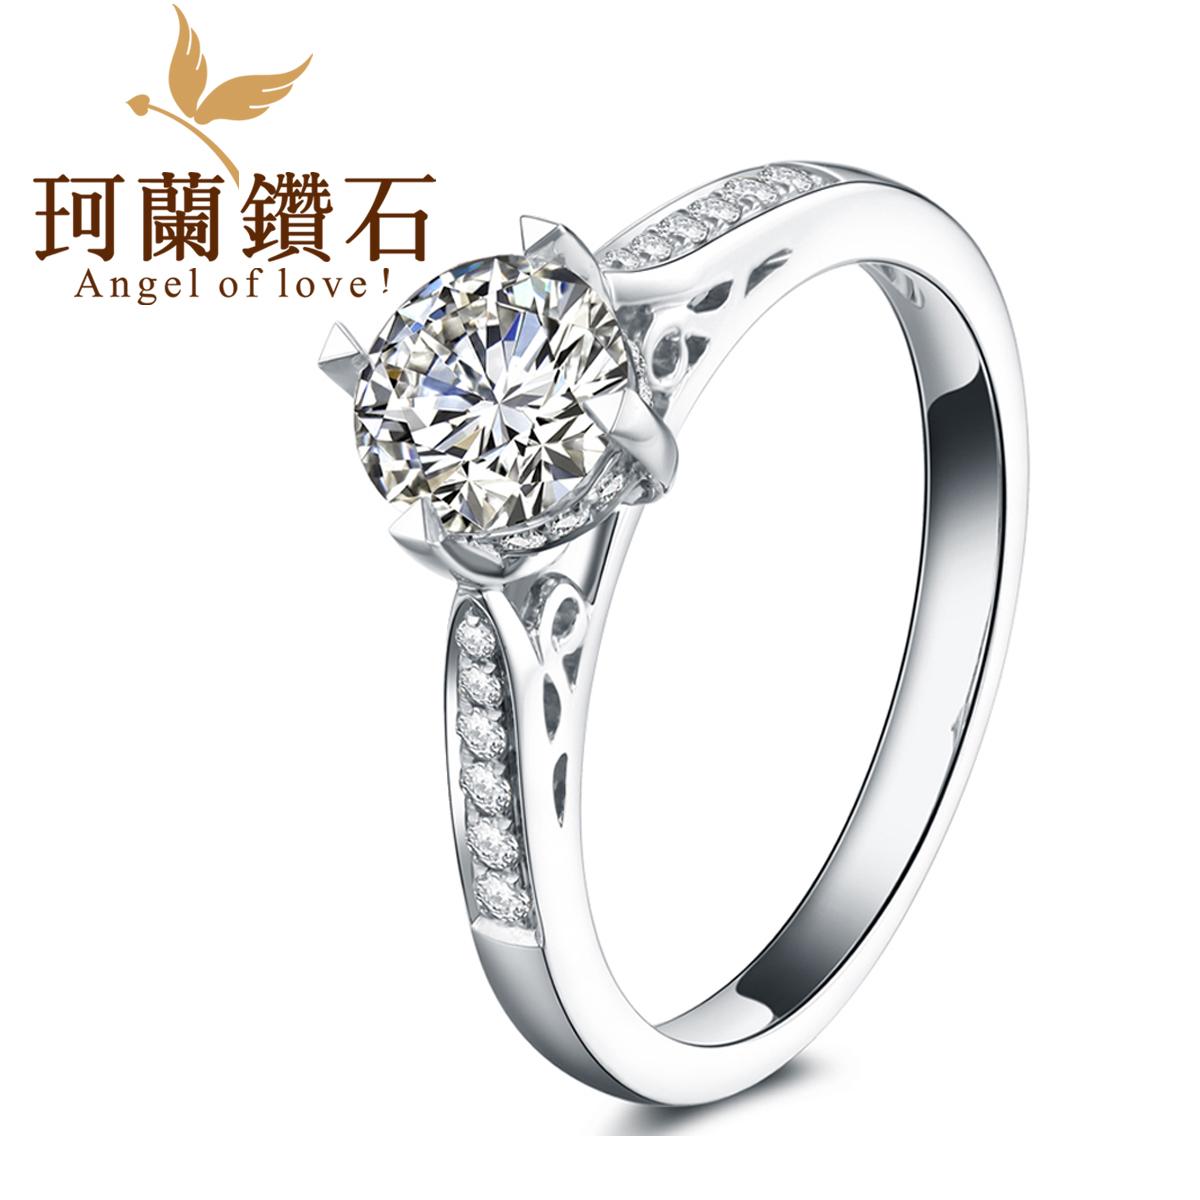 珂兰钻石 18K白金求婚结婚戒指50分钻戒女戒四爪 正品专柜 S伯爵